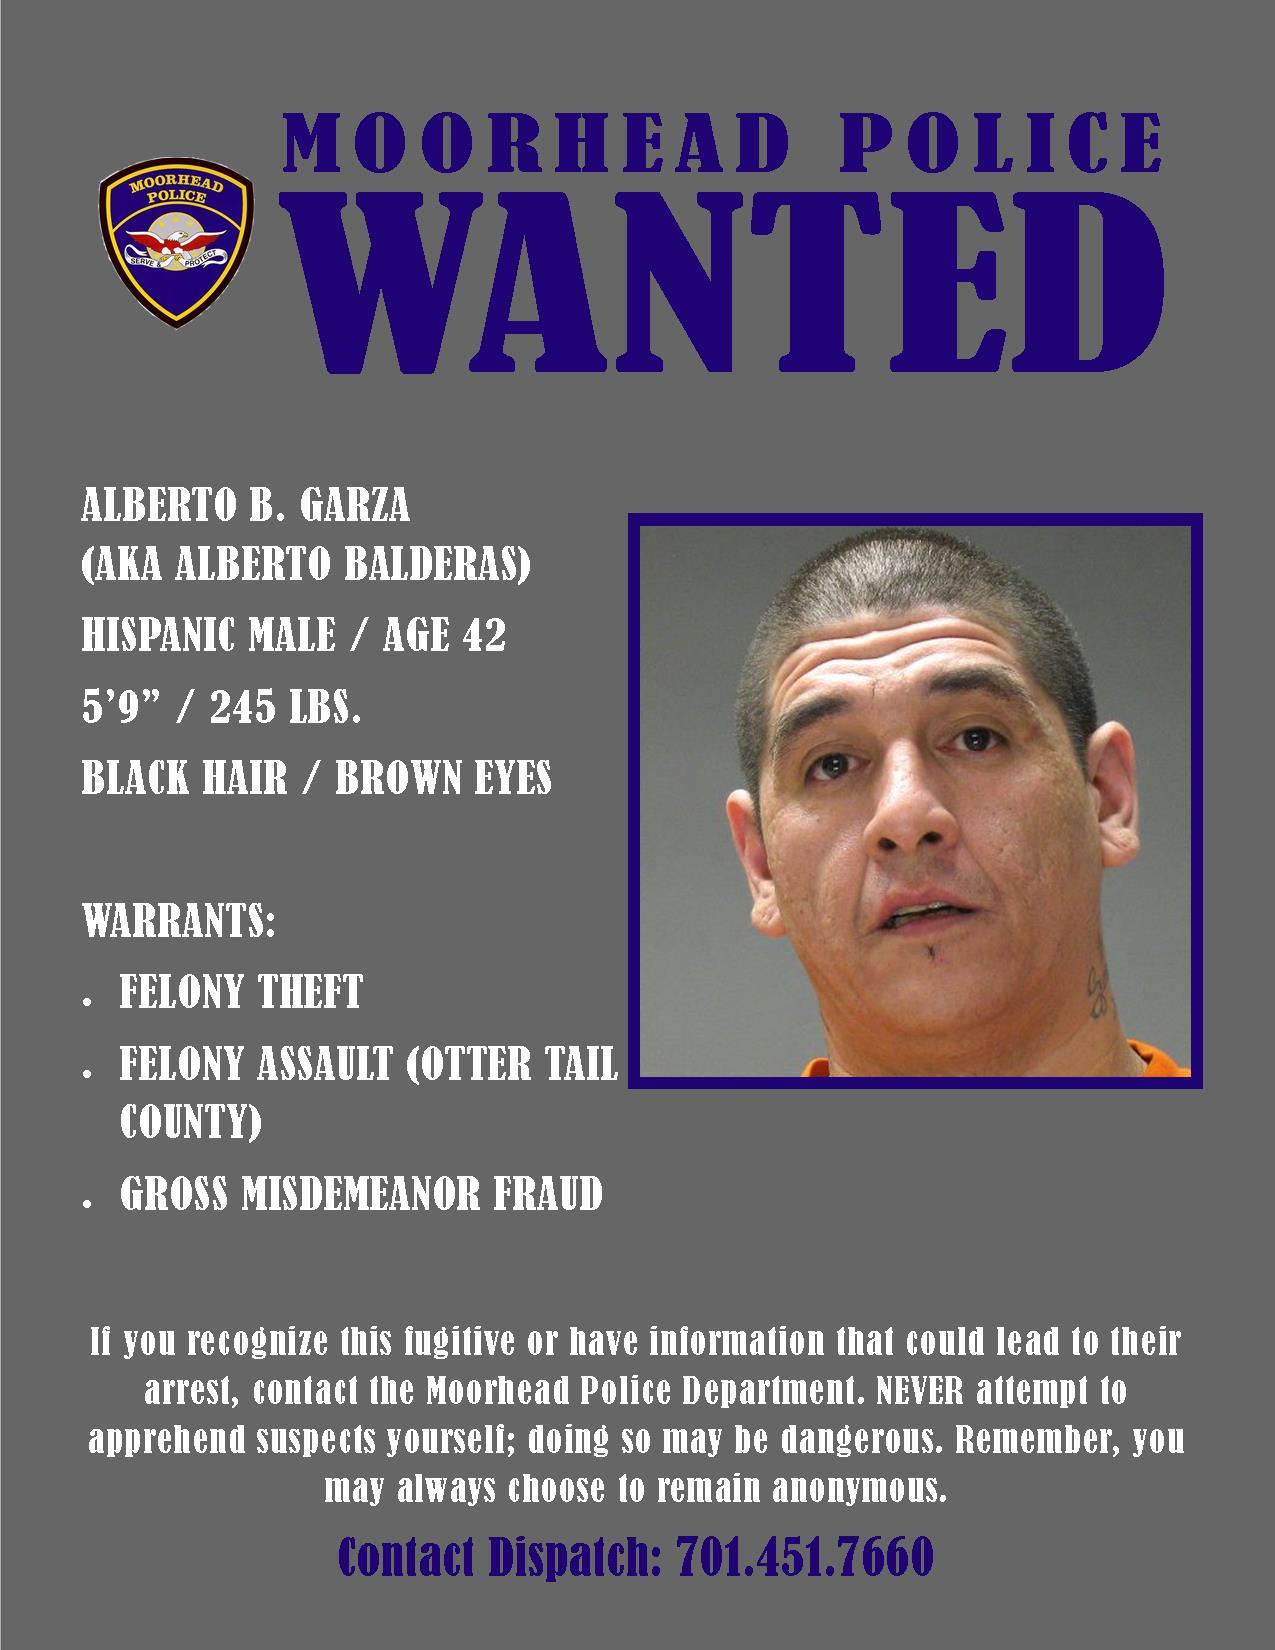 City of Moorhead : Wanted Wednesday